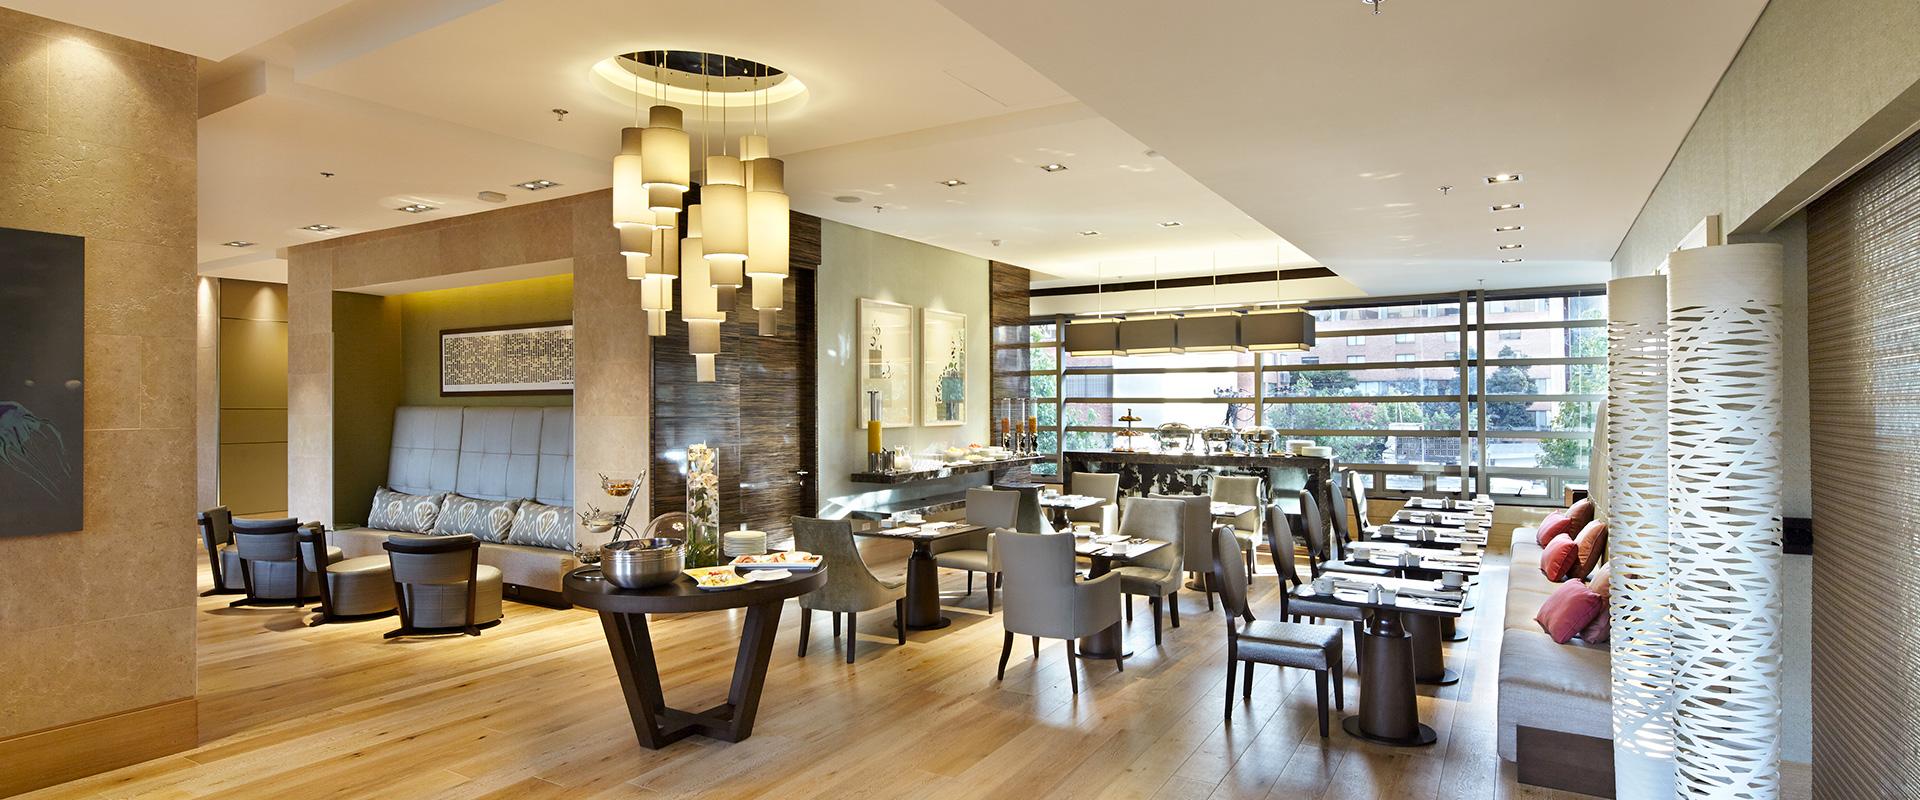 Ek Hotel In Bogota Colombia Rodrigo Samper Cia # Muebles Nisi Bogota